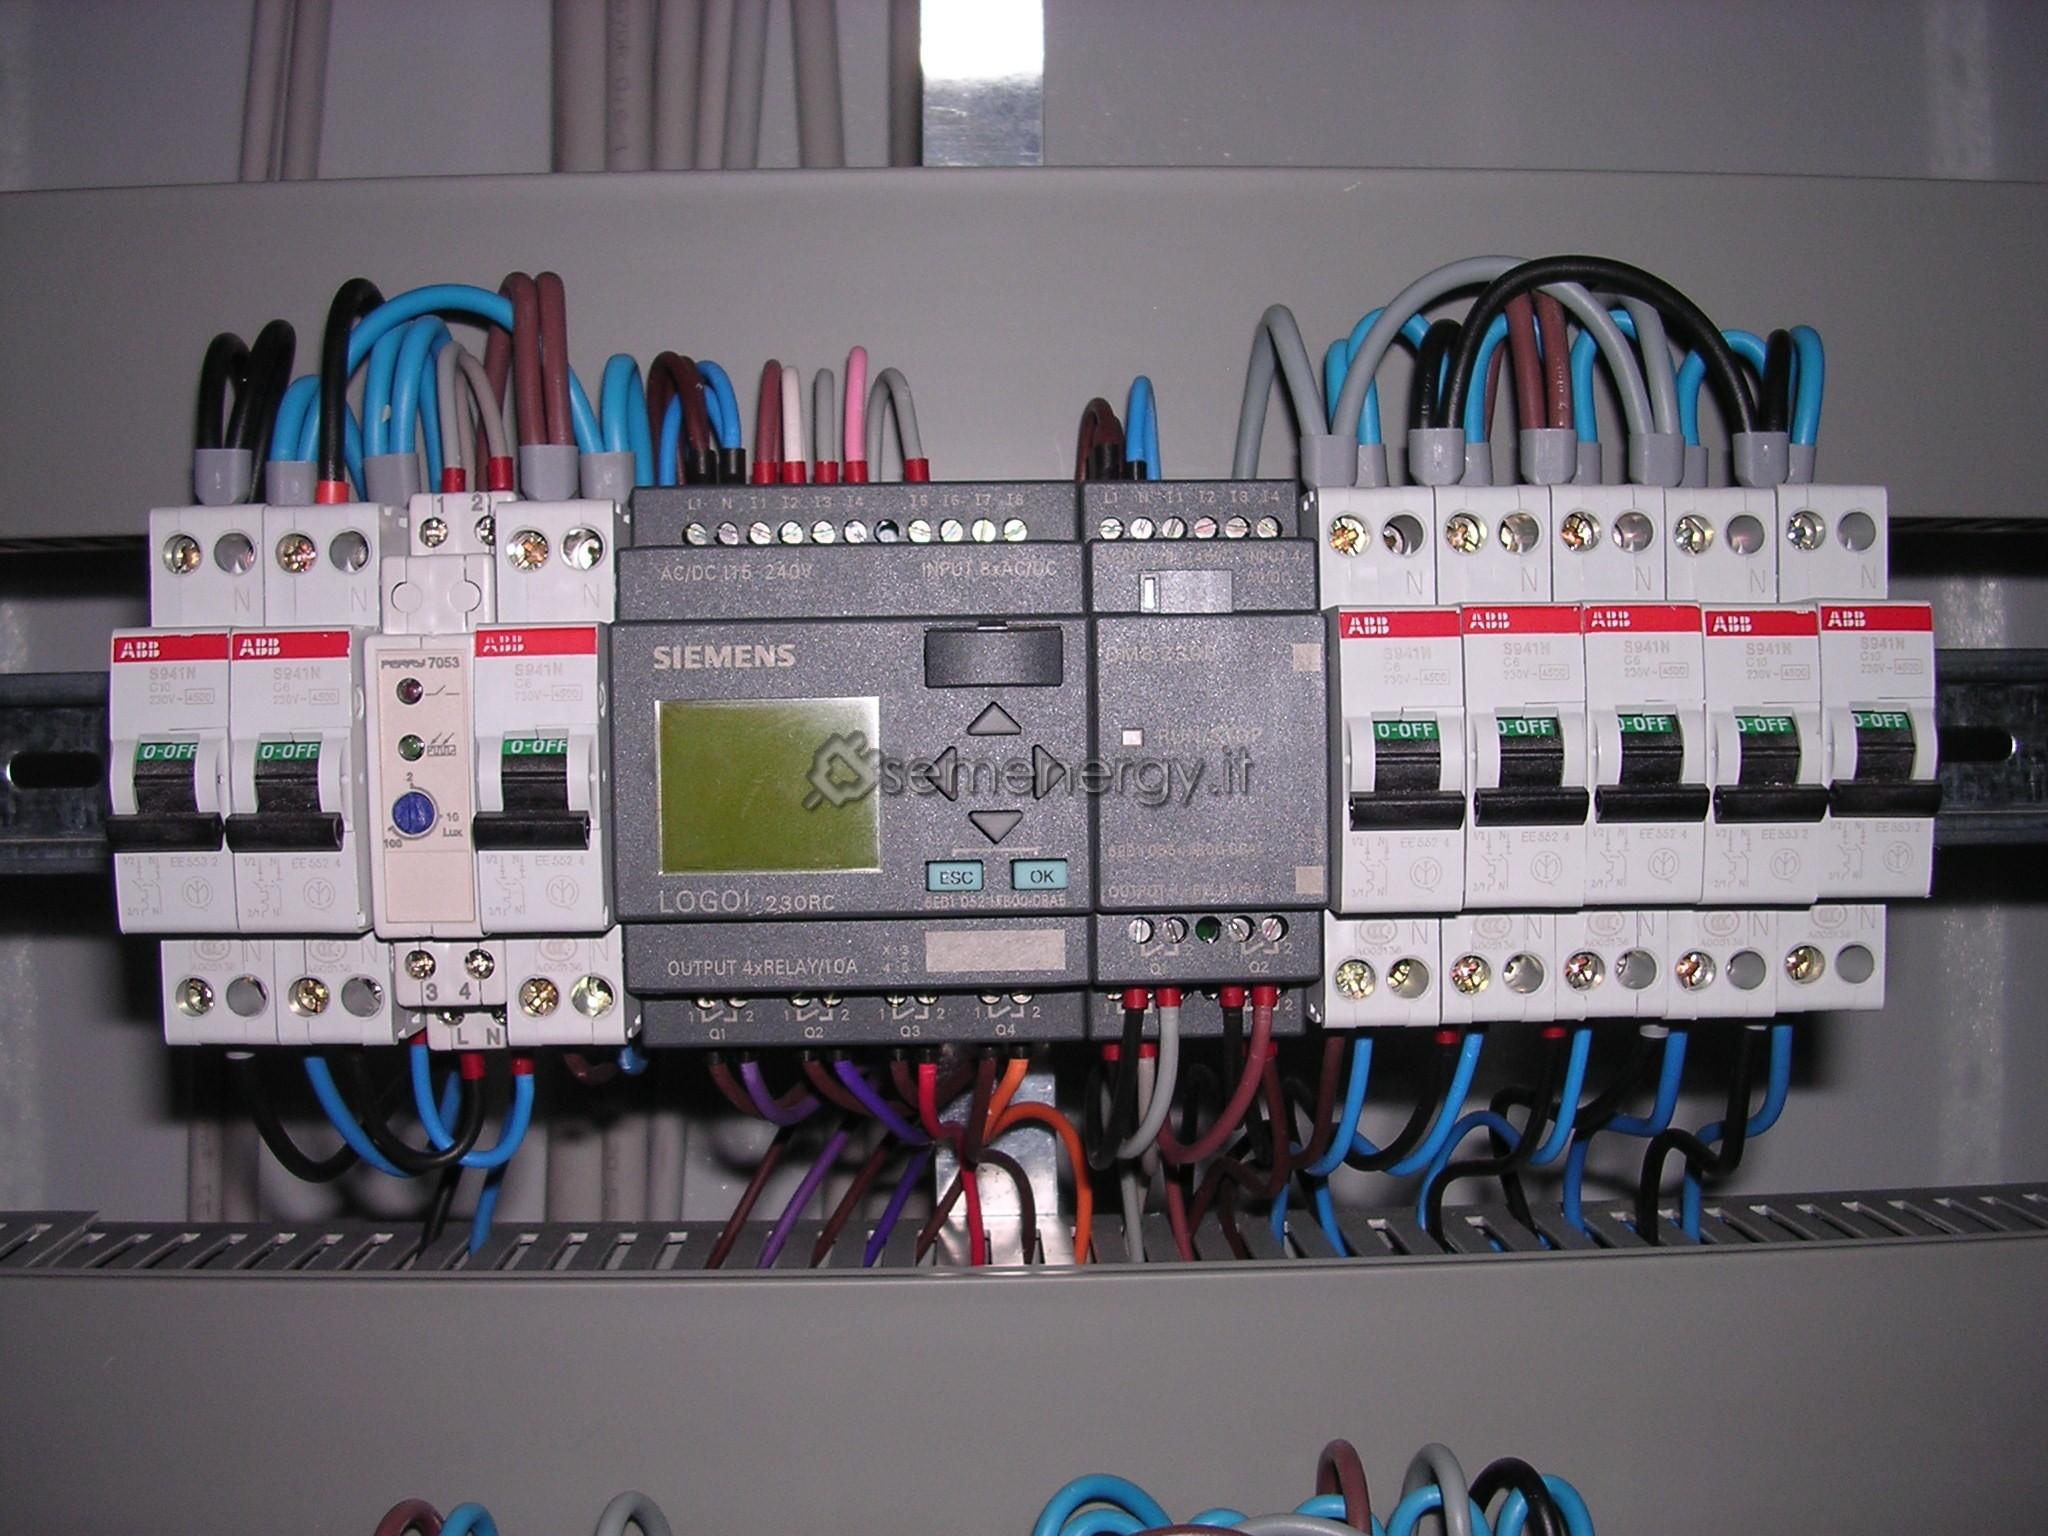 Schema Di Cablaggio Plc : Cablaggio centralino elettrico le ultime idee sulla casa